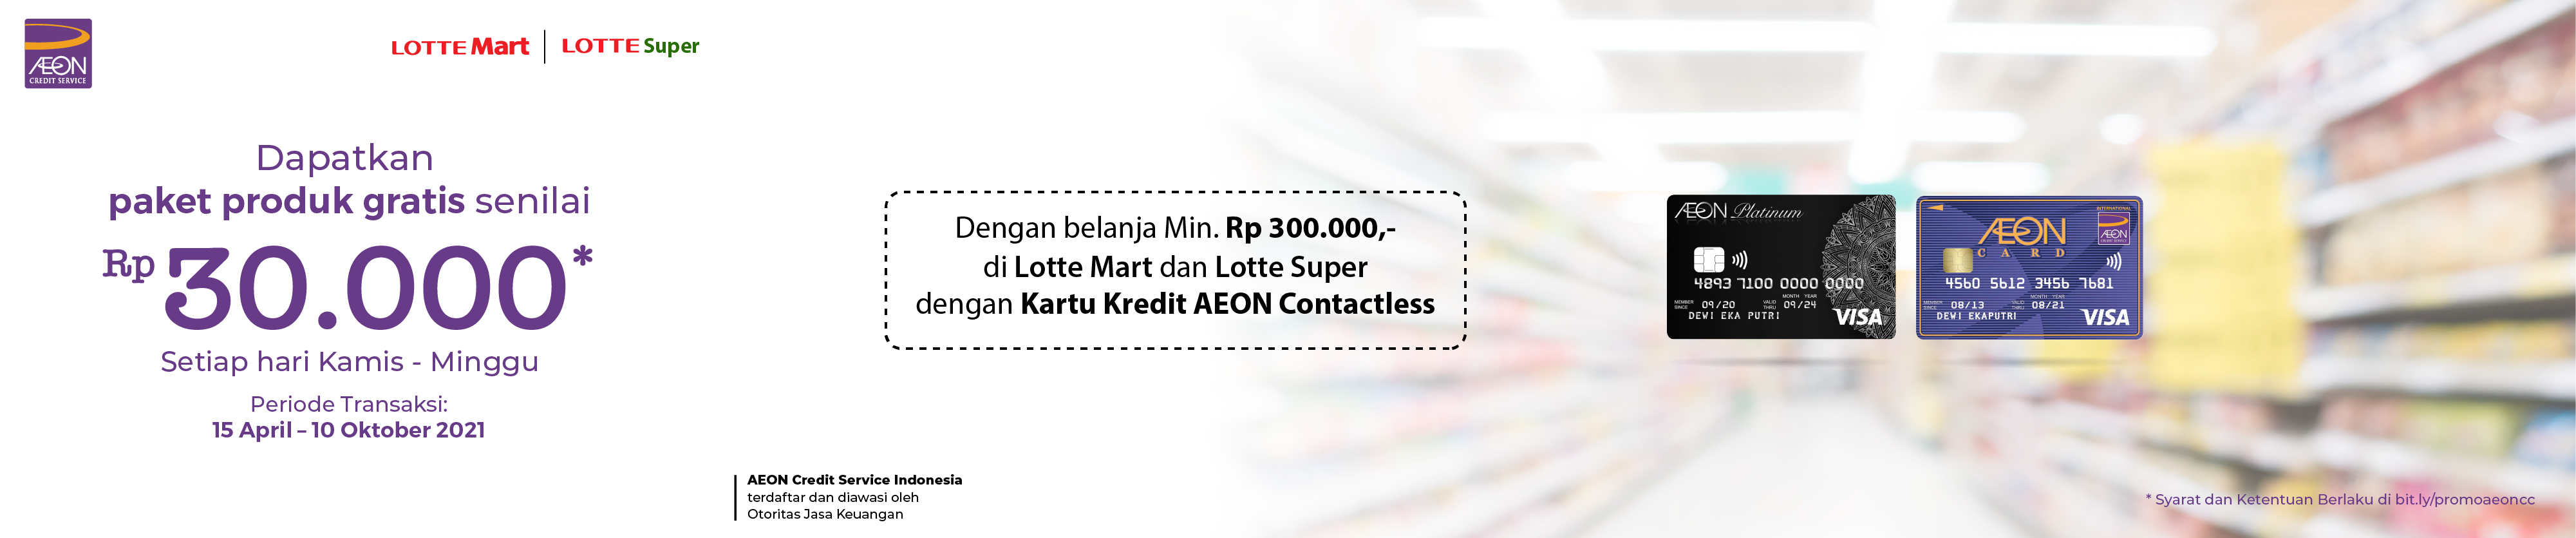 Belanja & TAP at LOTTEMART dan LOTTE Super untuk Dapatkan Paket Produk Gratis Senilai Rp 30.000